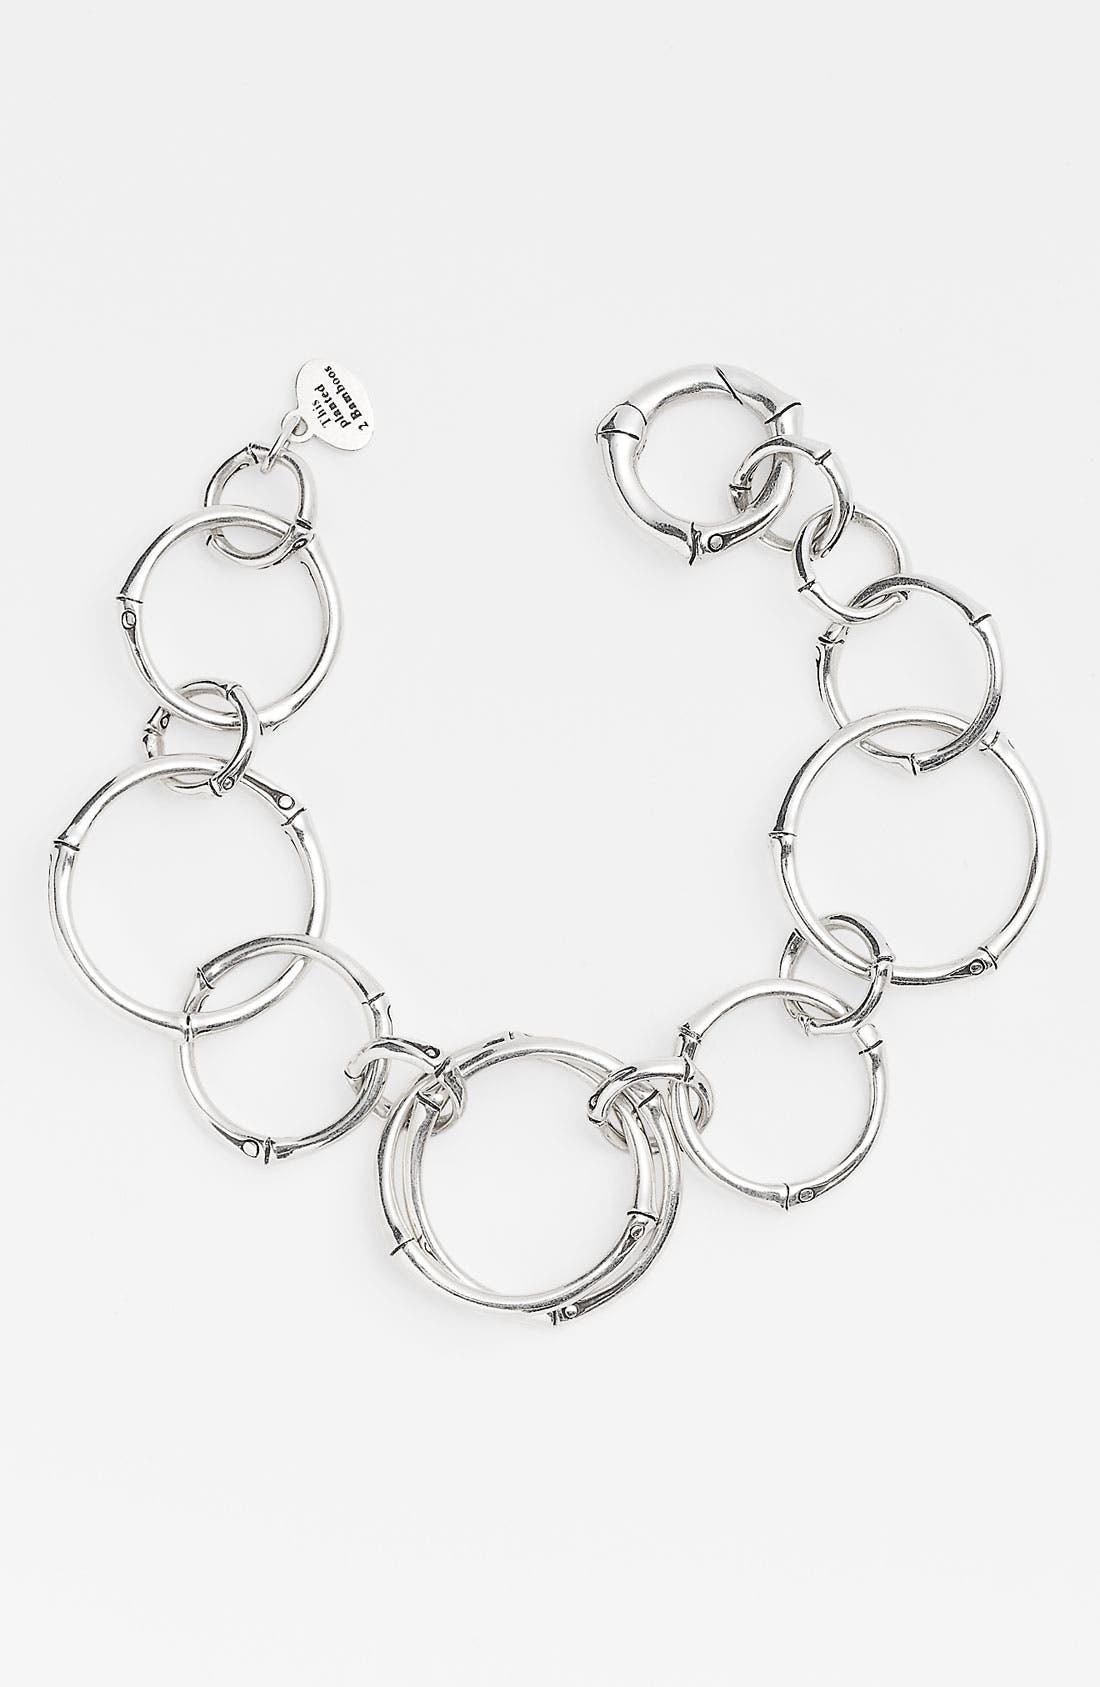 Main Image - John Hardy 'Bamboo' Round Link Bracelet